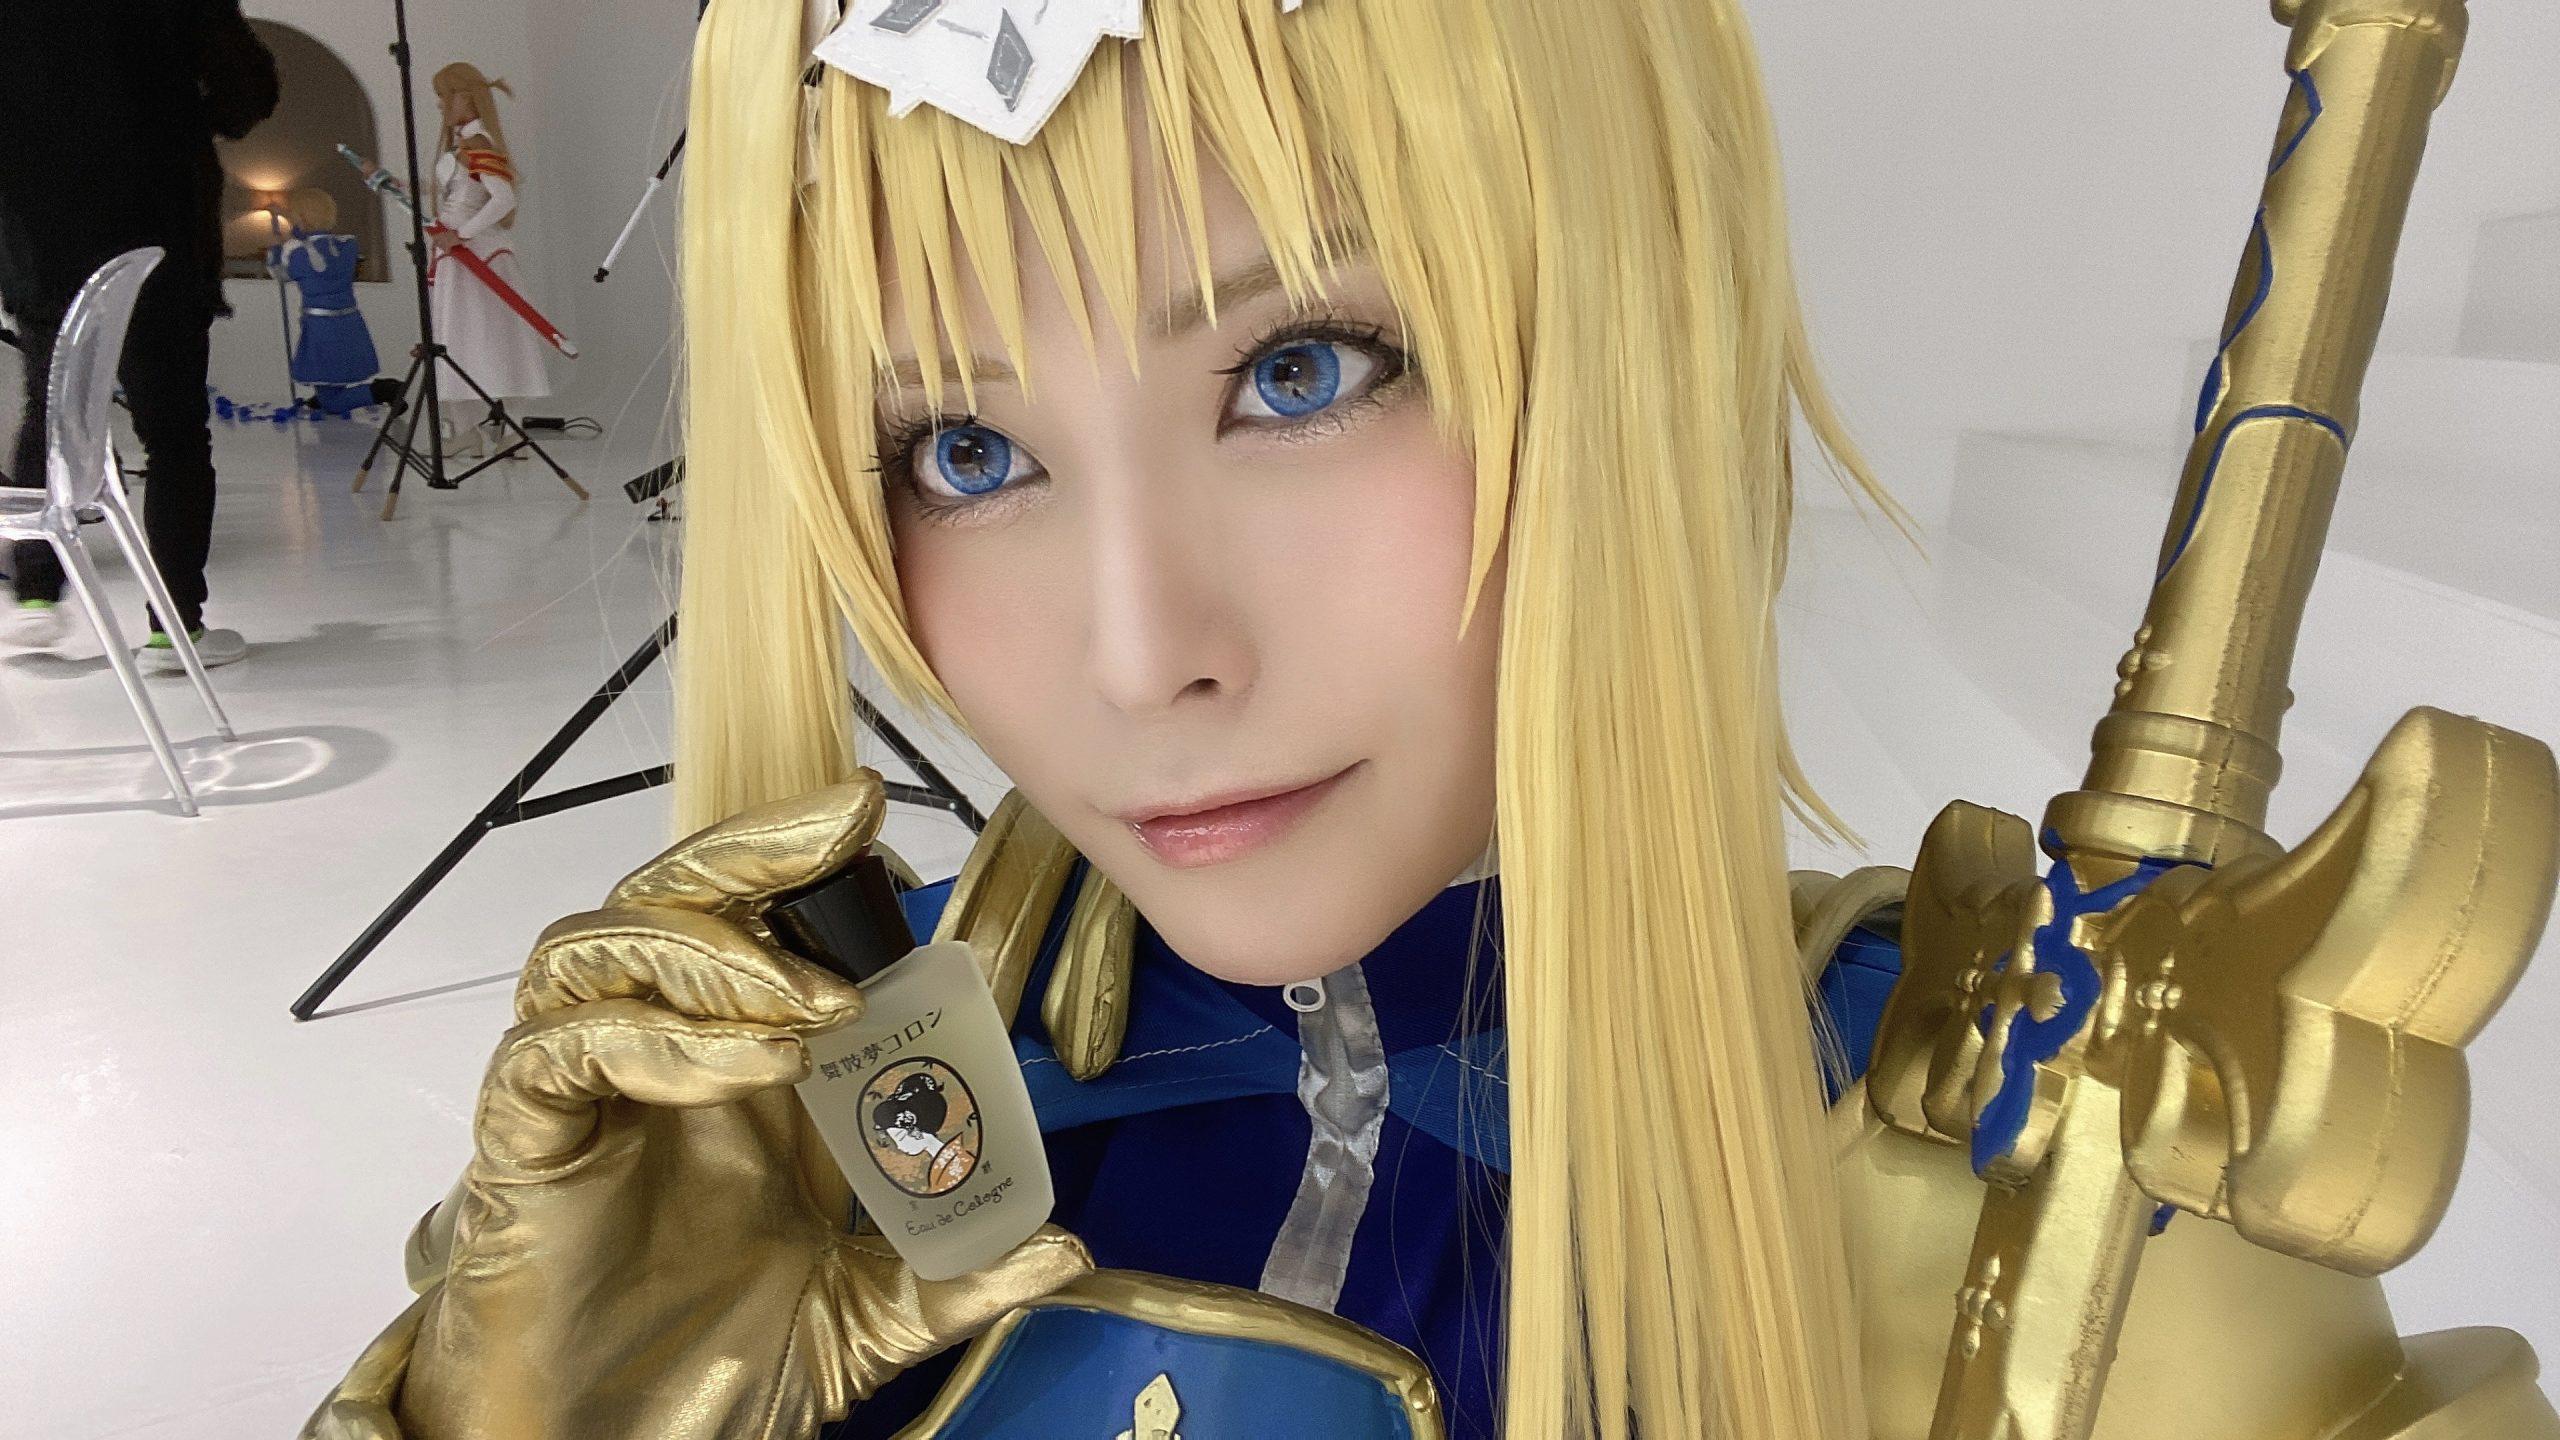 ソードアート・オンラインアリシゼーション編SAO整合騎士アリス・シンセシス・サーティコスプレ画像